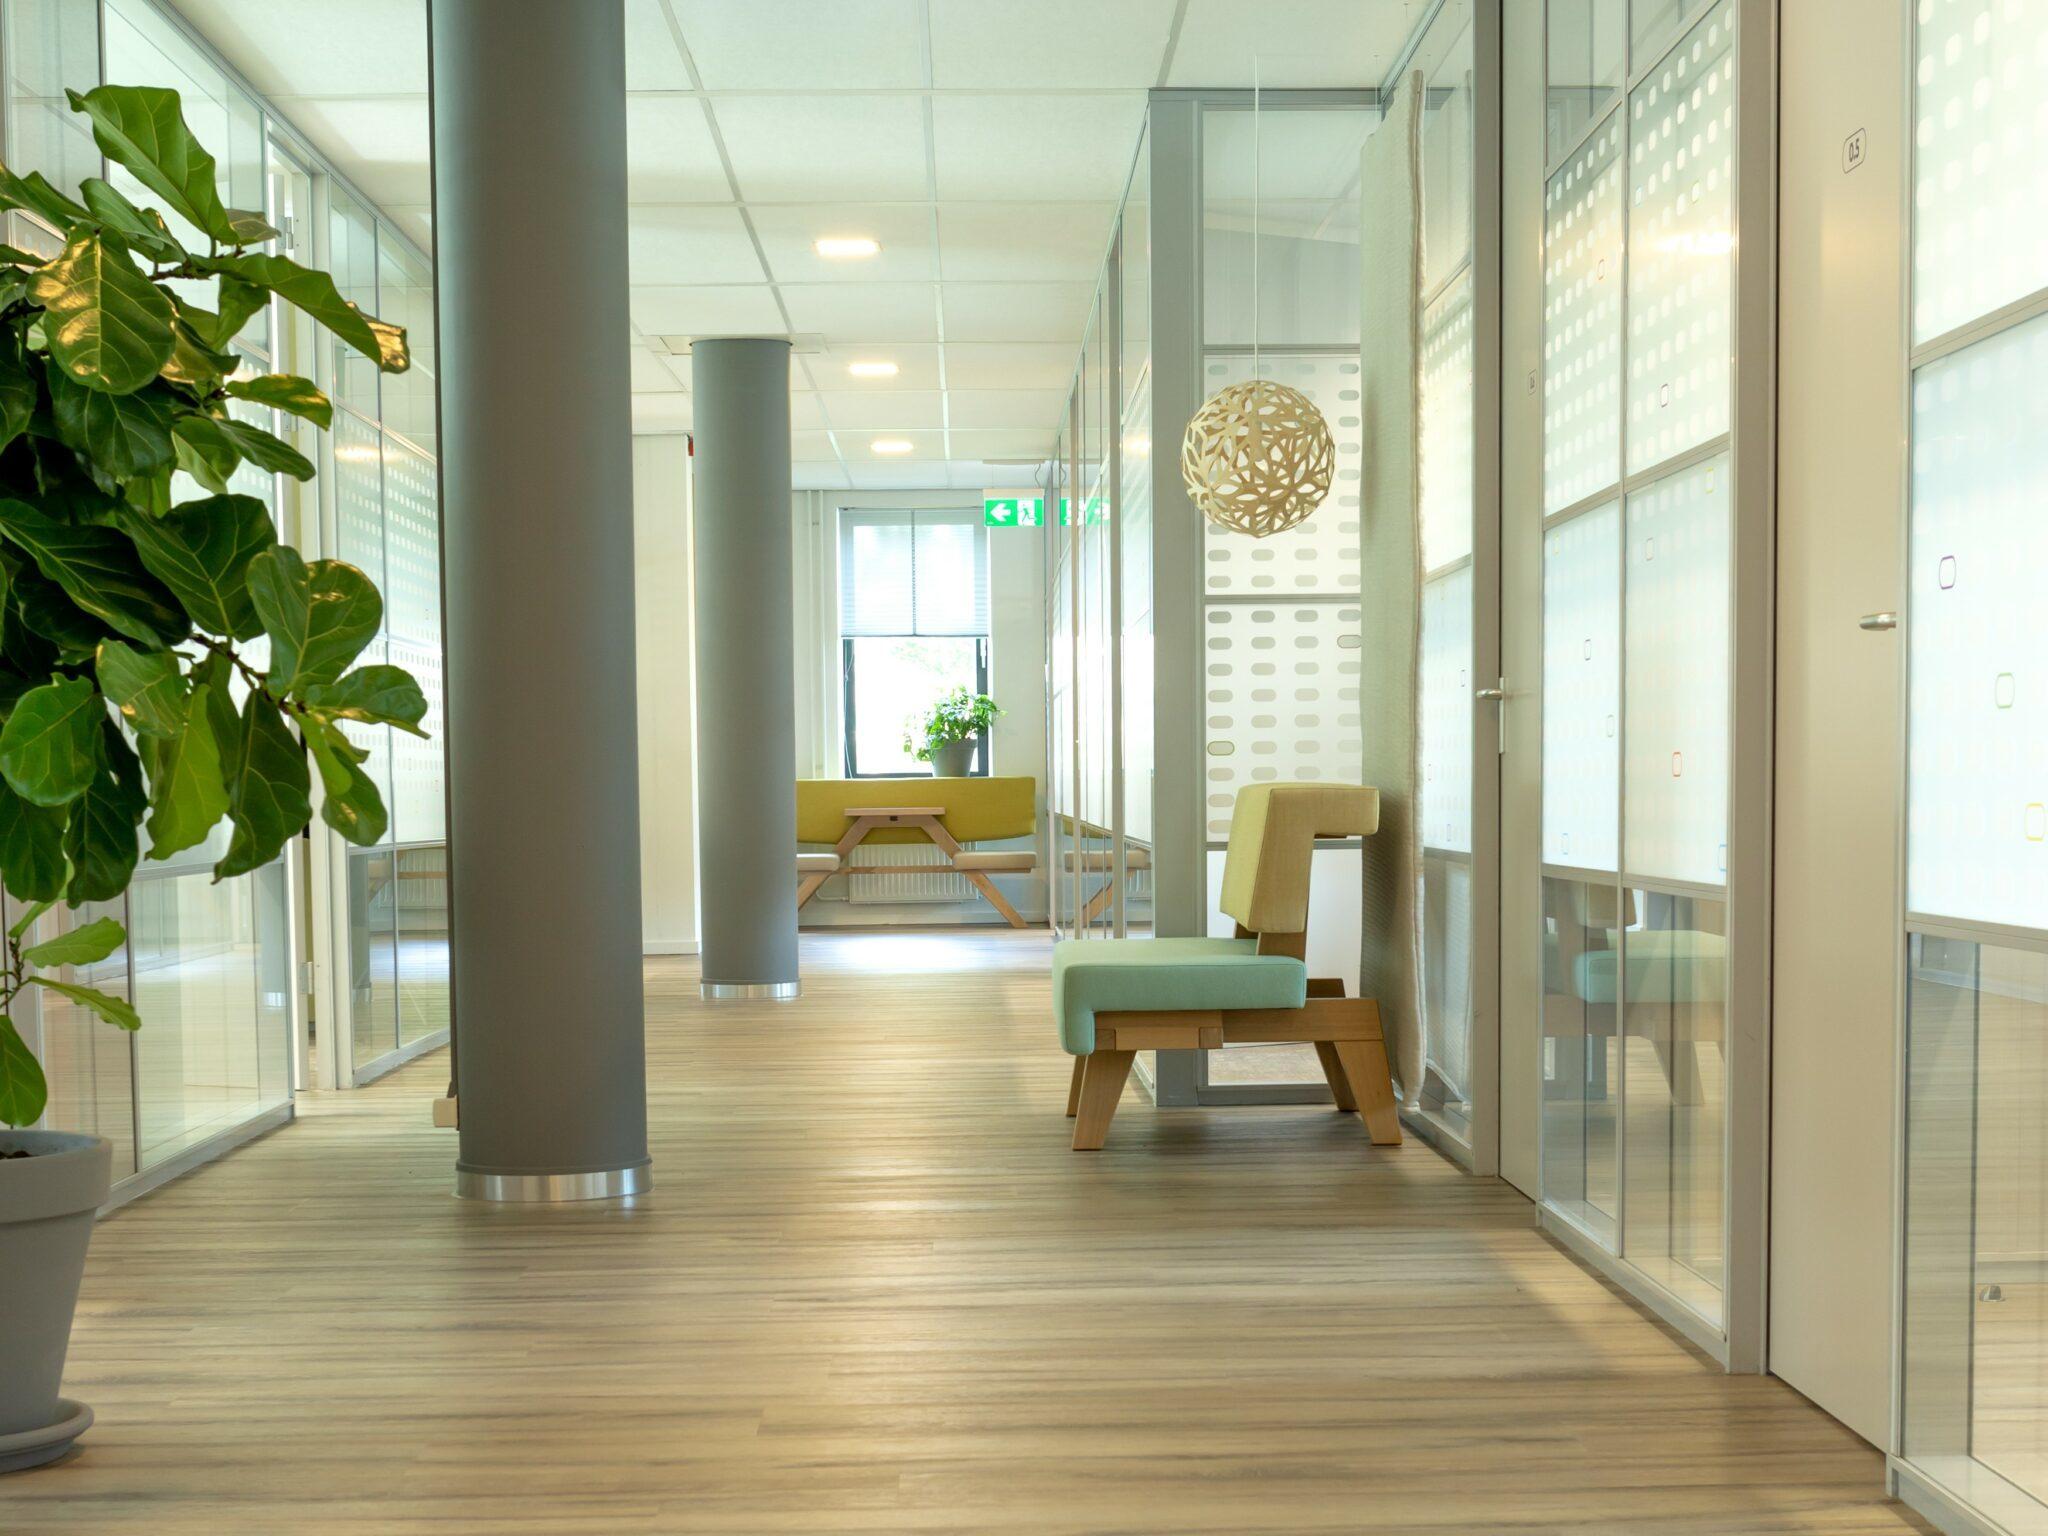 Jeugdzorg wanden en vloer Heering Office Den Haag